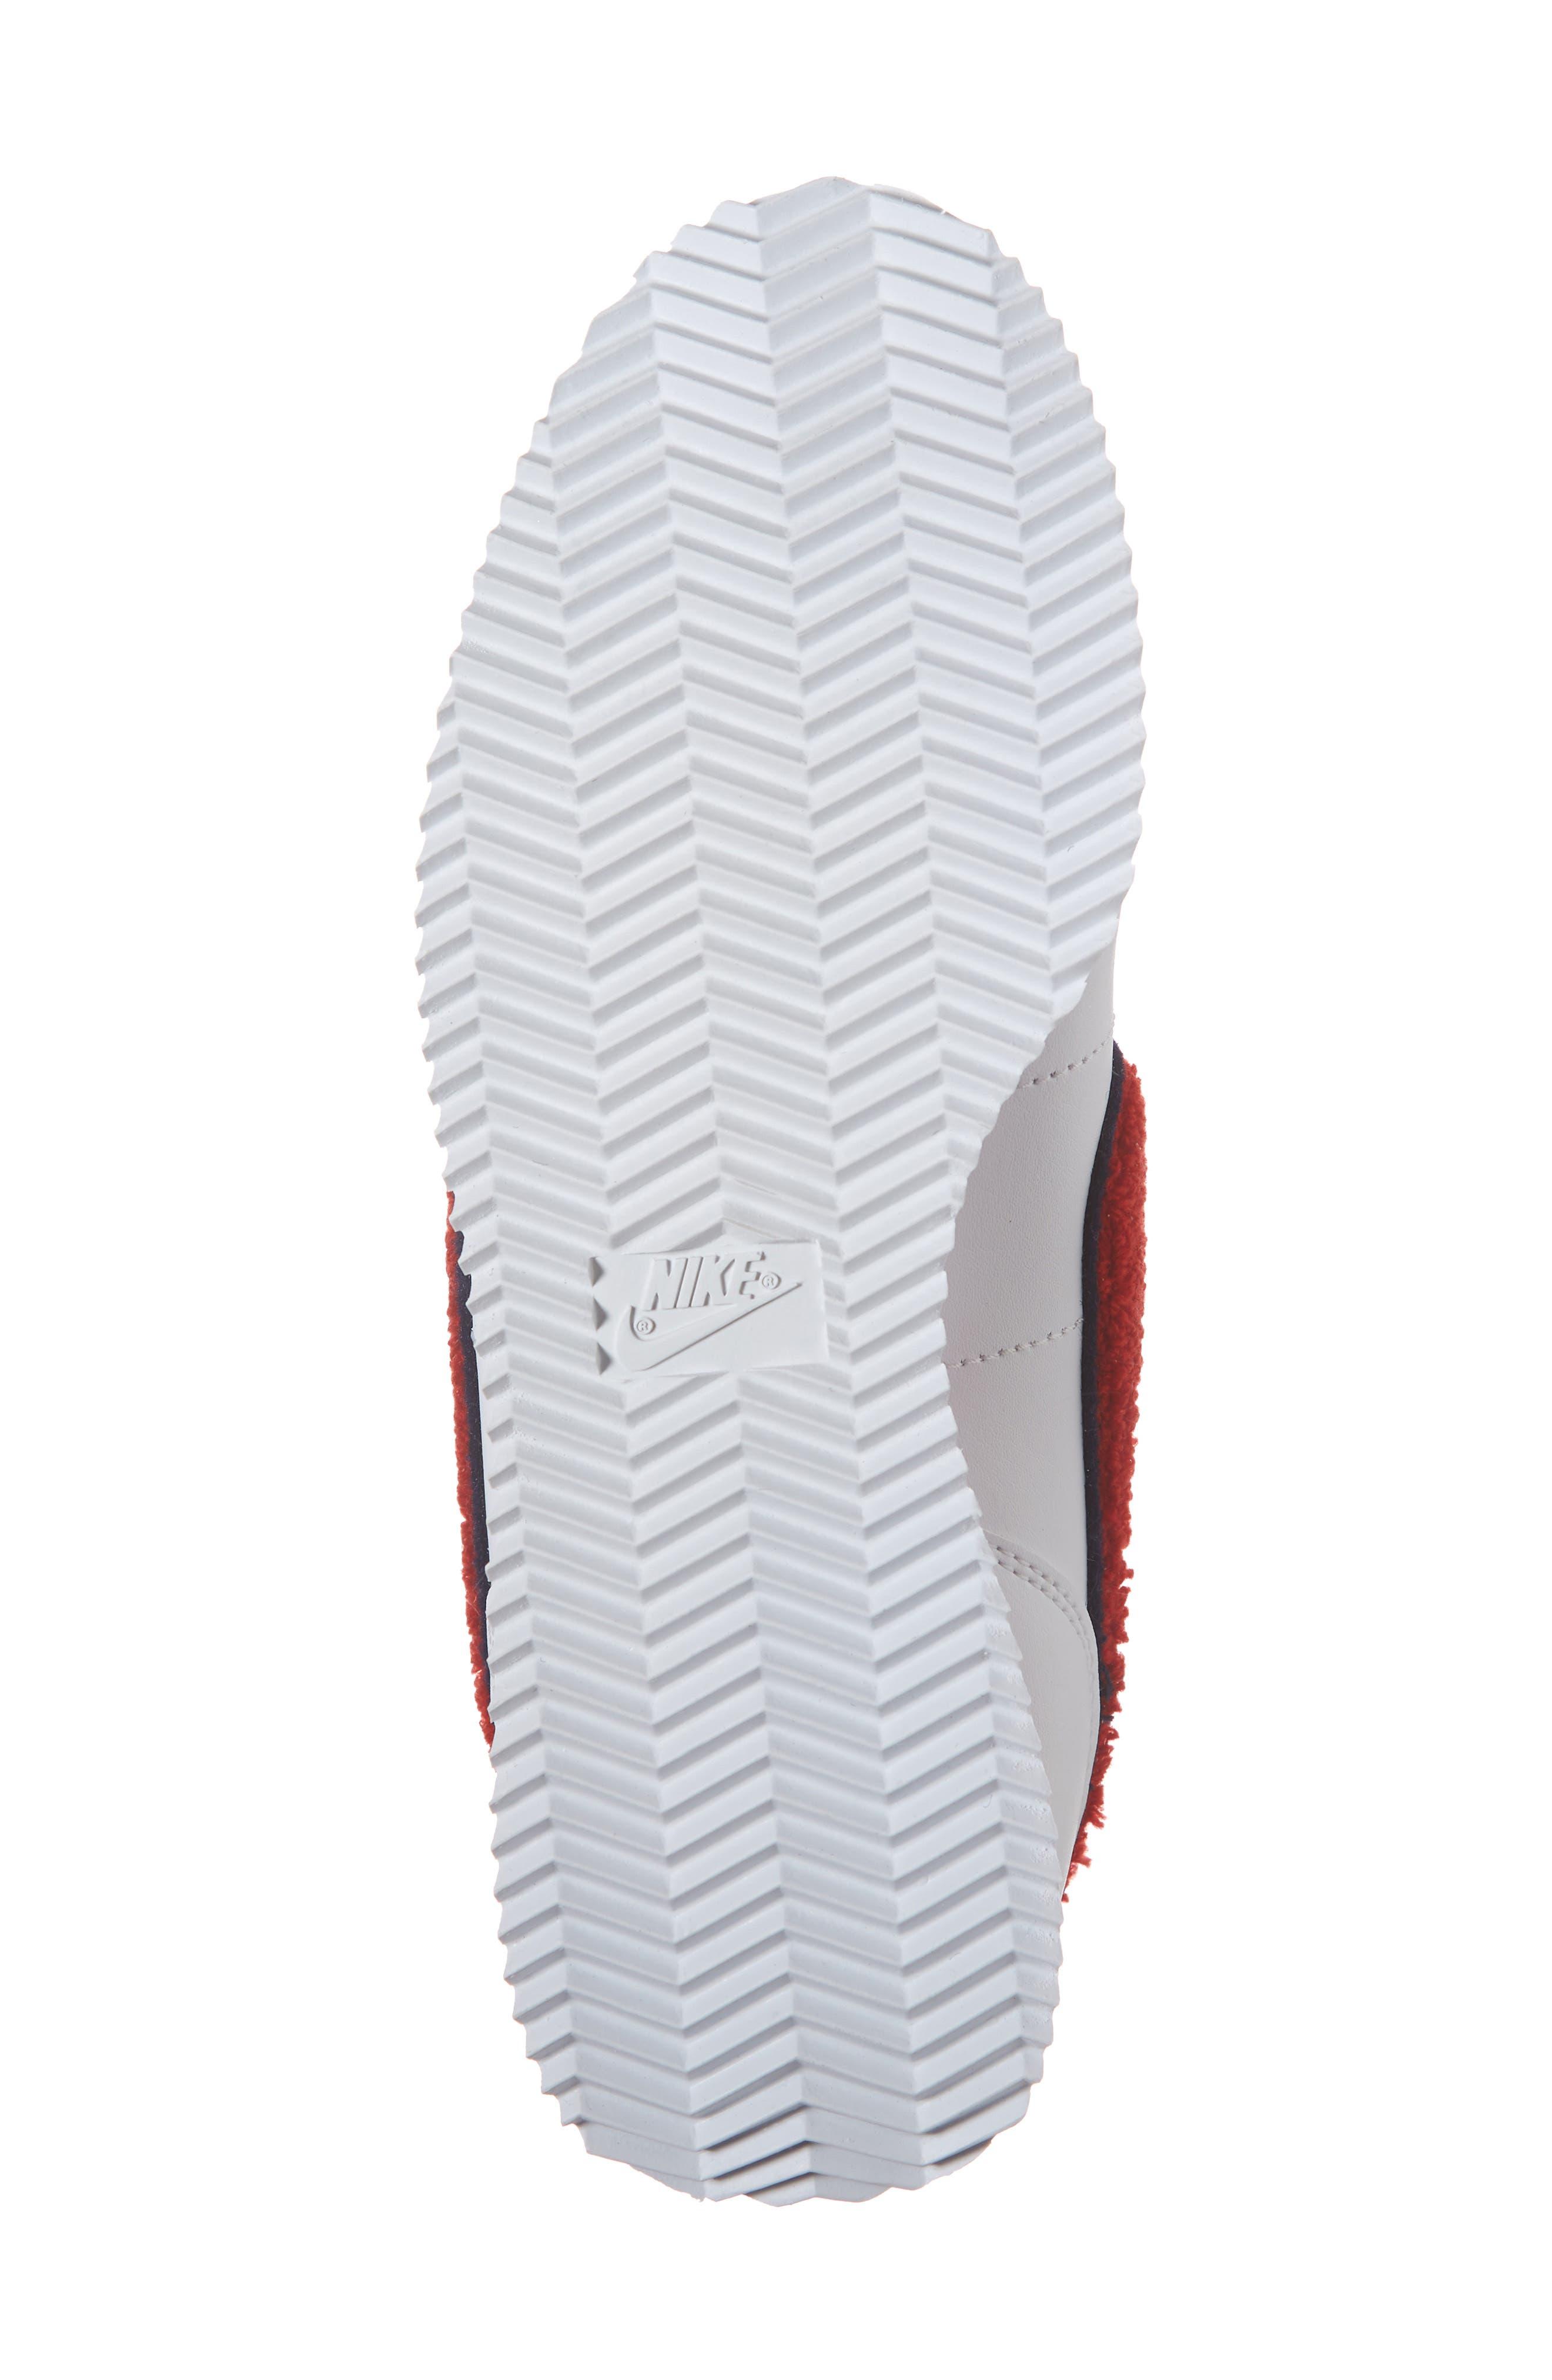 Cortez Basic SE Sneaker,                             Alternate thumbnail 6, color,                             WHITE/ UNIVERSITY RED/ BLUE